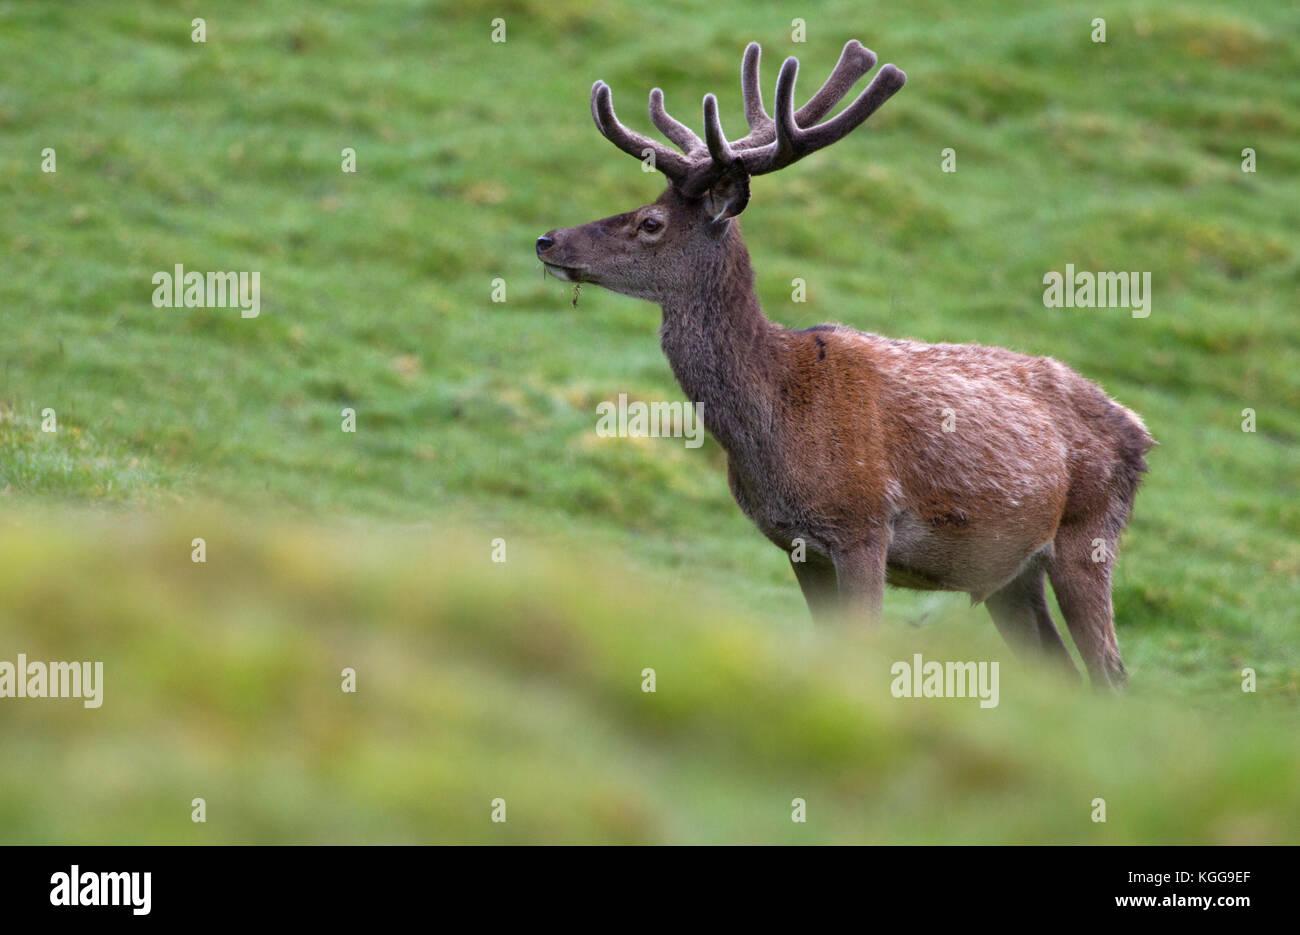 Red Deer, Cervus elaphus, single adult male with antlers in velvet standing on grassland. Findhorn Valley, Scotland, - Stock Image